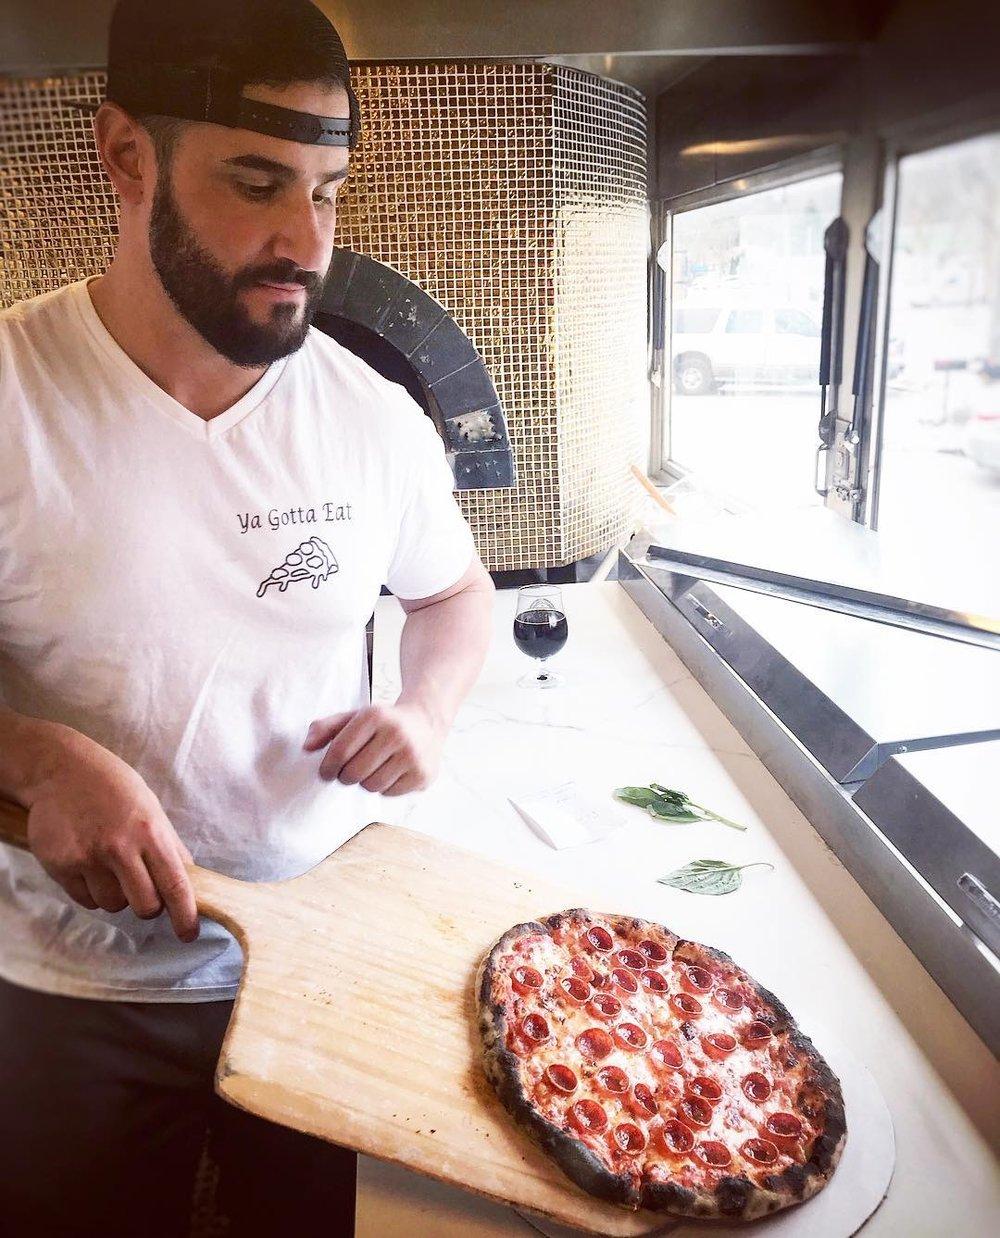 Dave in action! - Abeetz Pizza